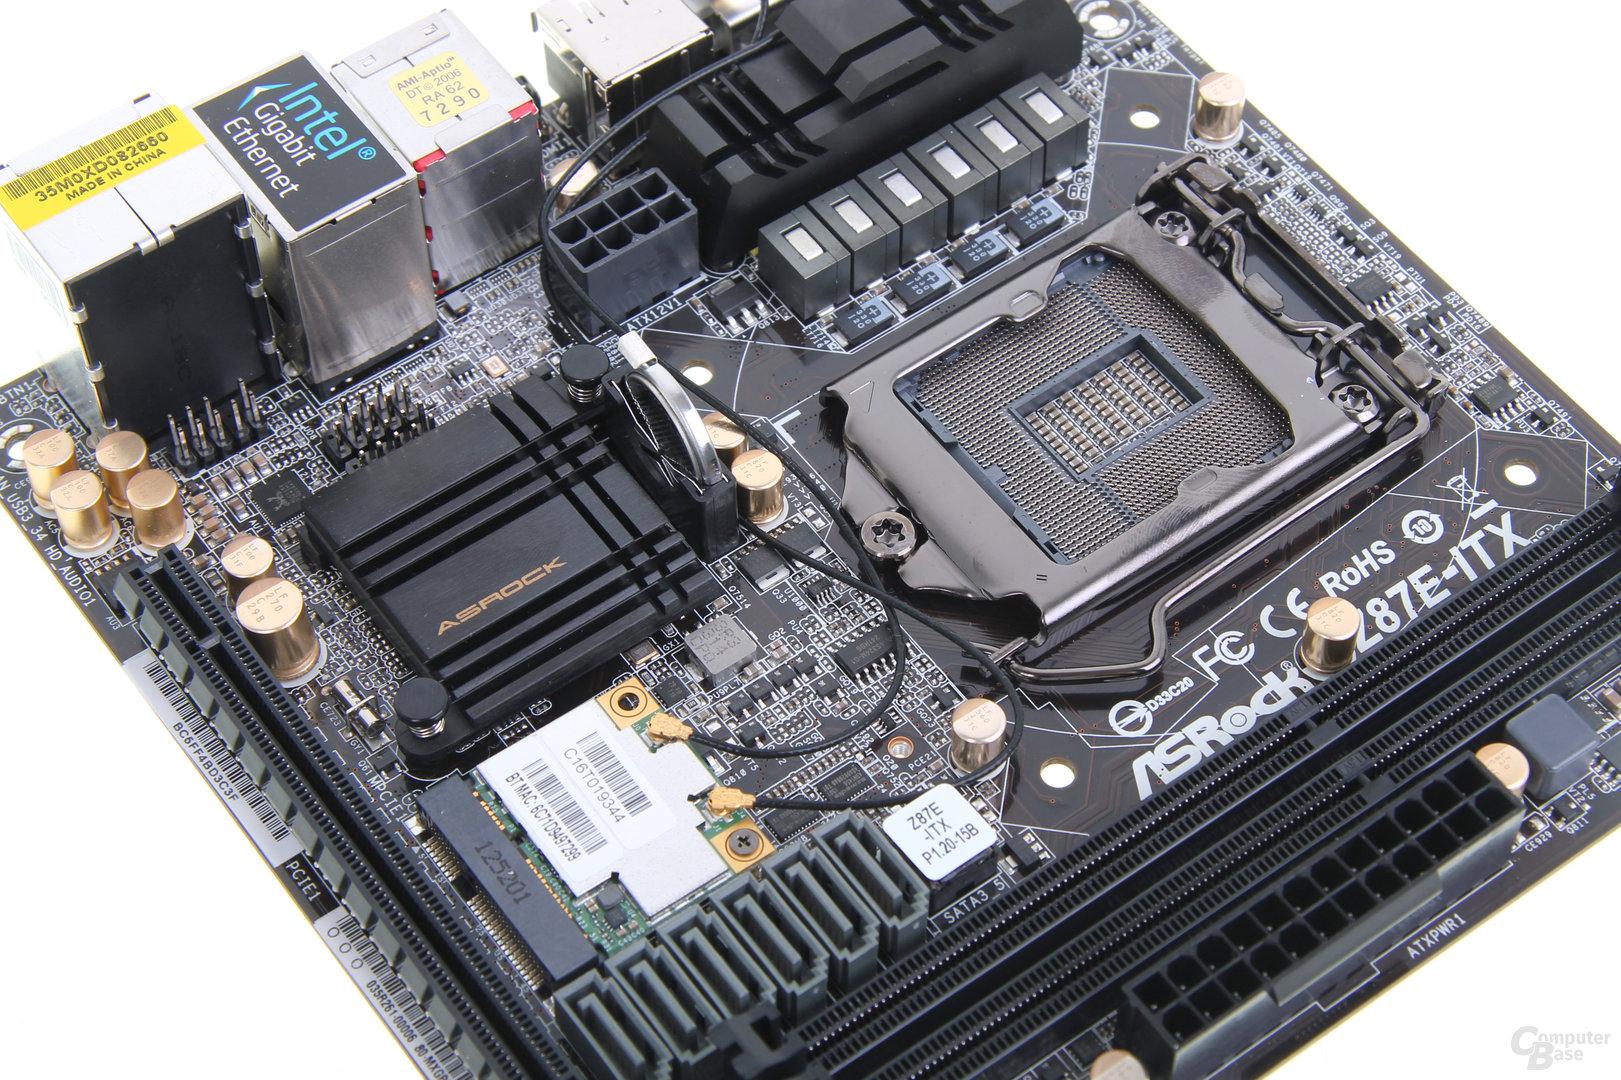 ASRock Z87E-ITX - PCB